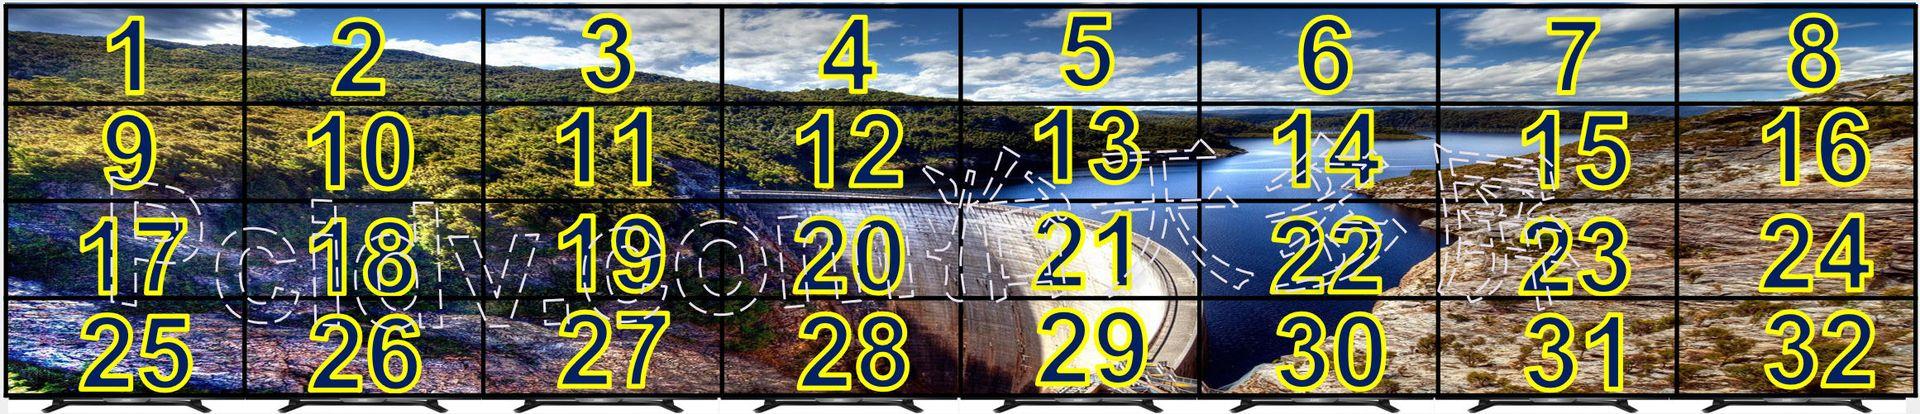 32屏拼接点对点显示4行8列15360x4320分辨率